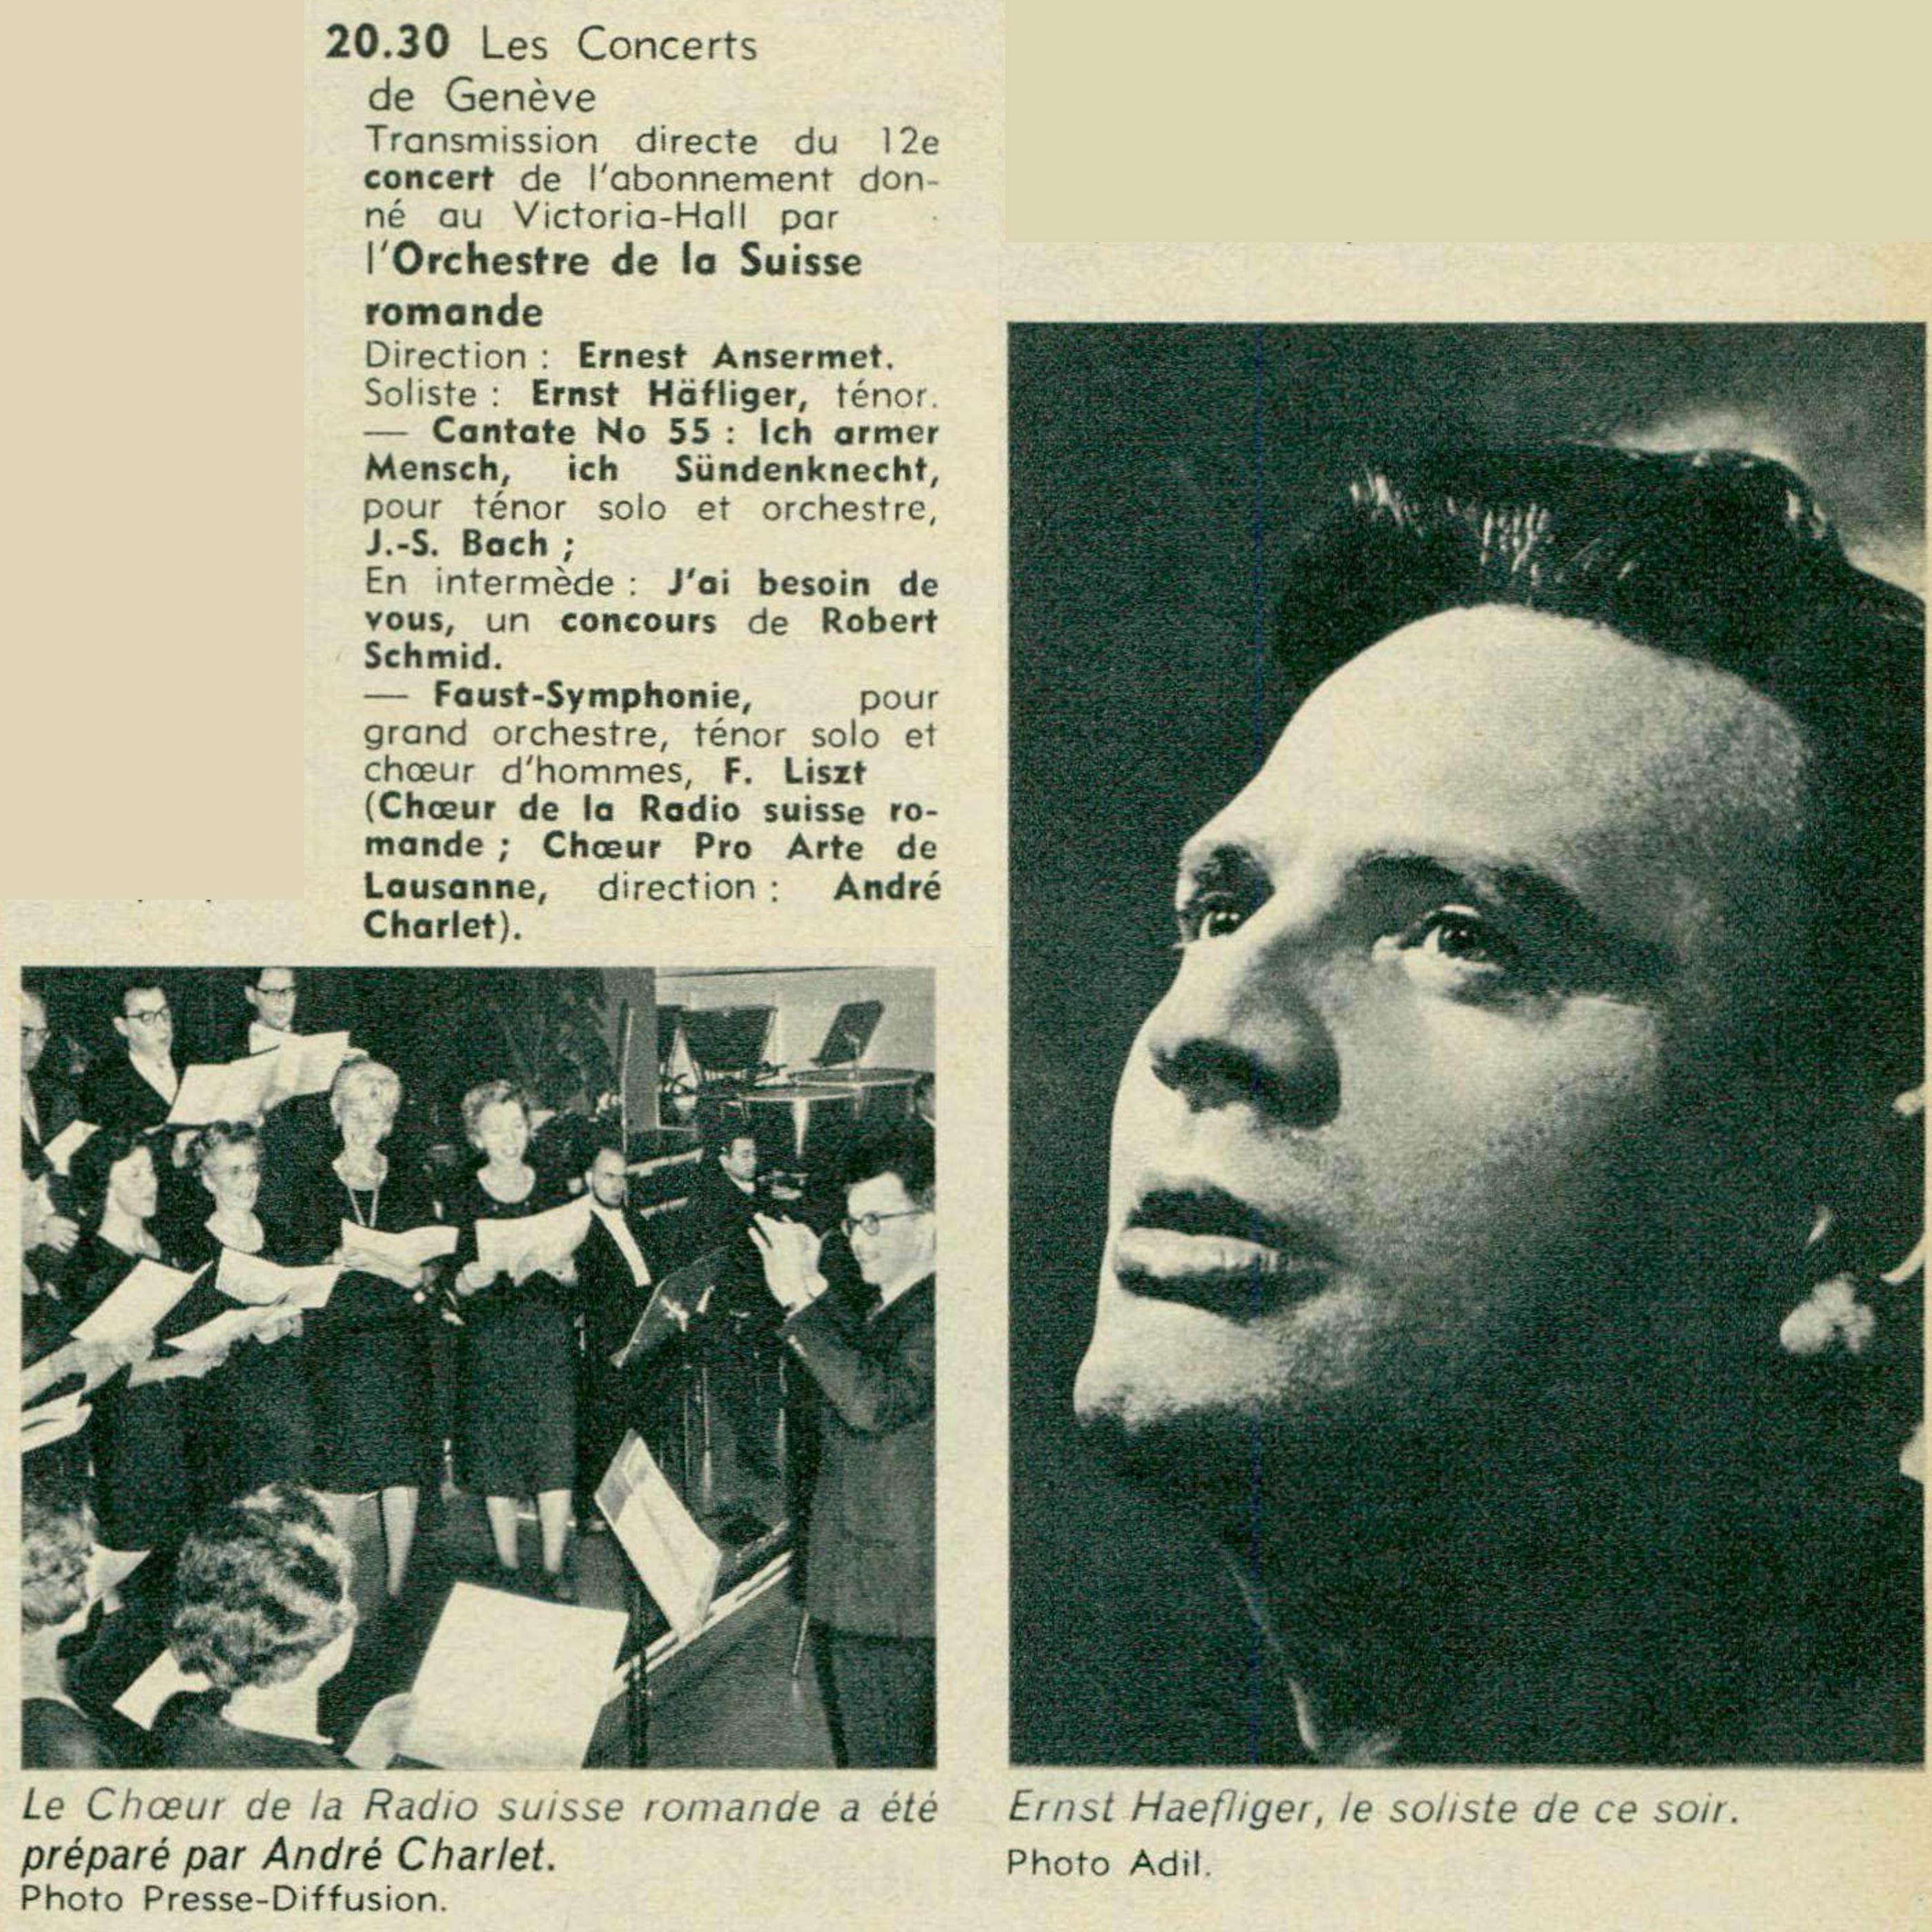 Extraits de la revue Radio je vois tout TV du 30 mars 1967, No 13, pages 82-83